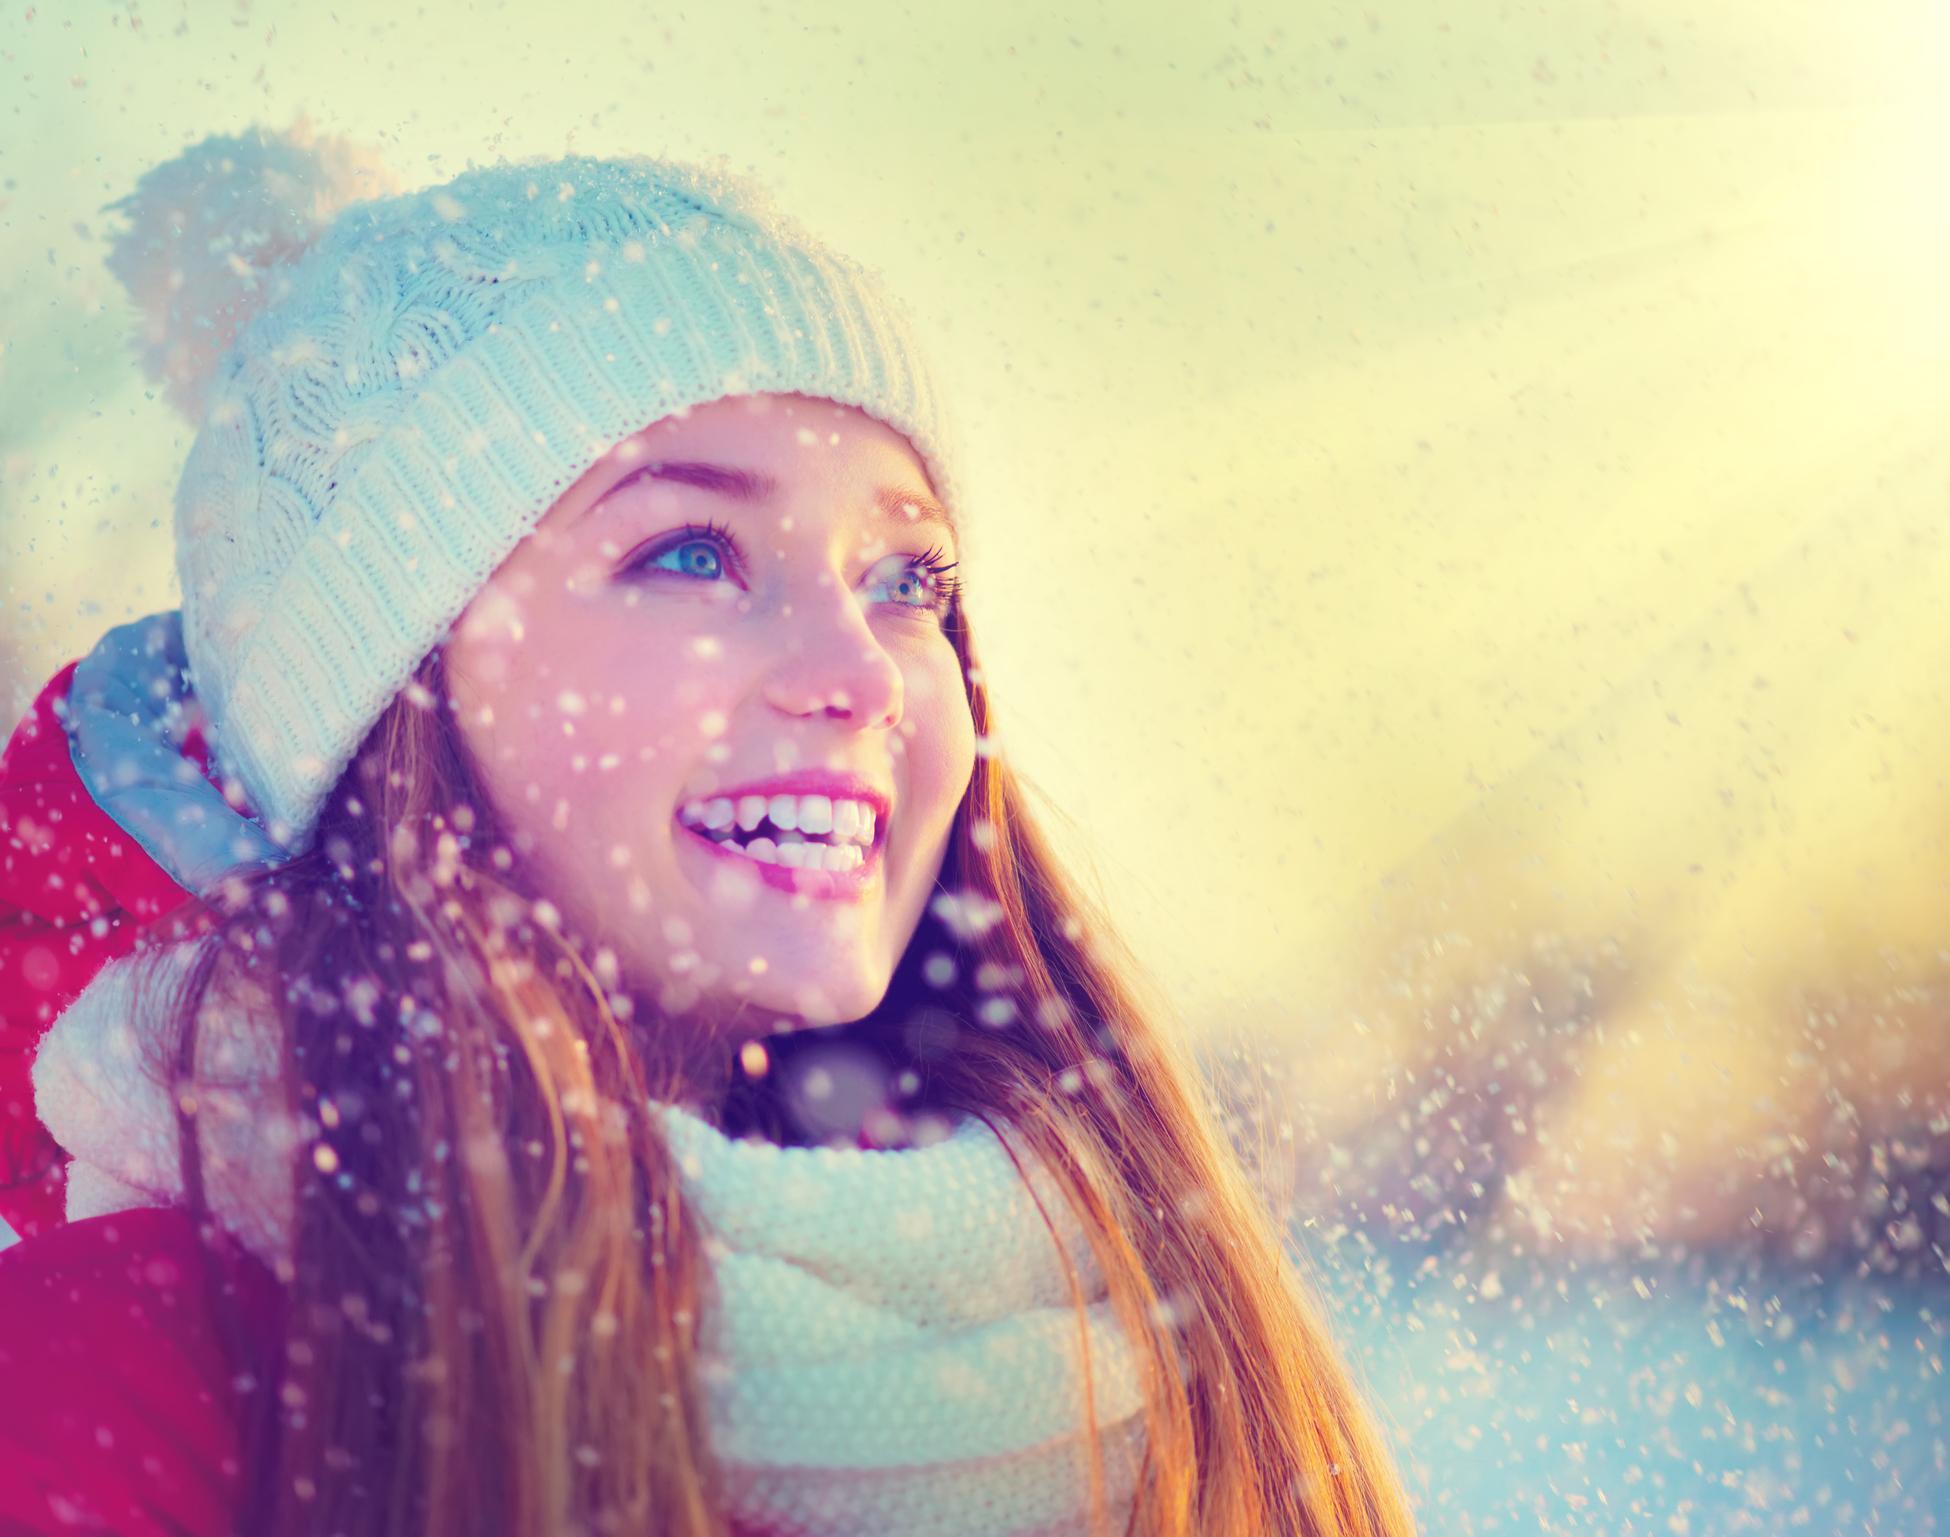 Jugendliche zeigt Ihre Zähne, im Winterschnee im Sonnenschein